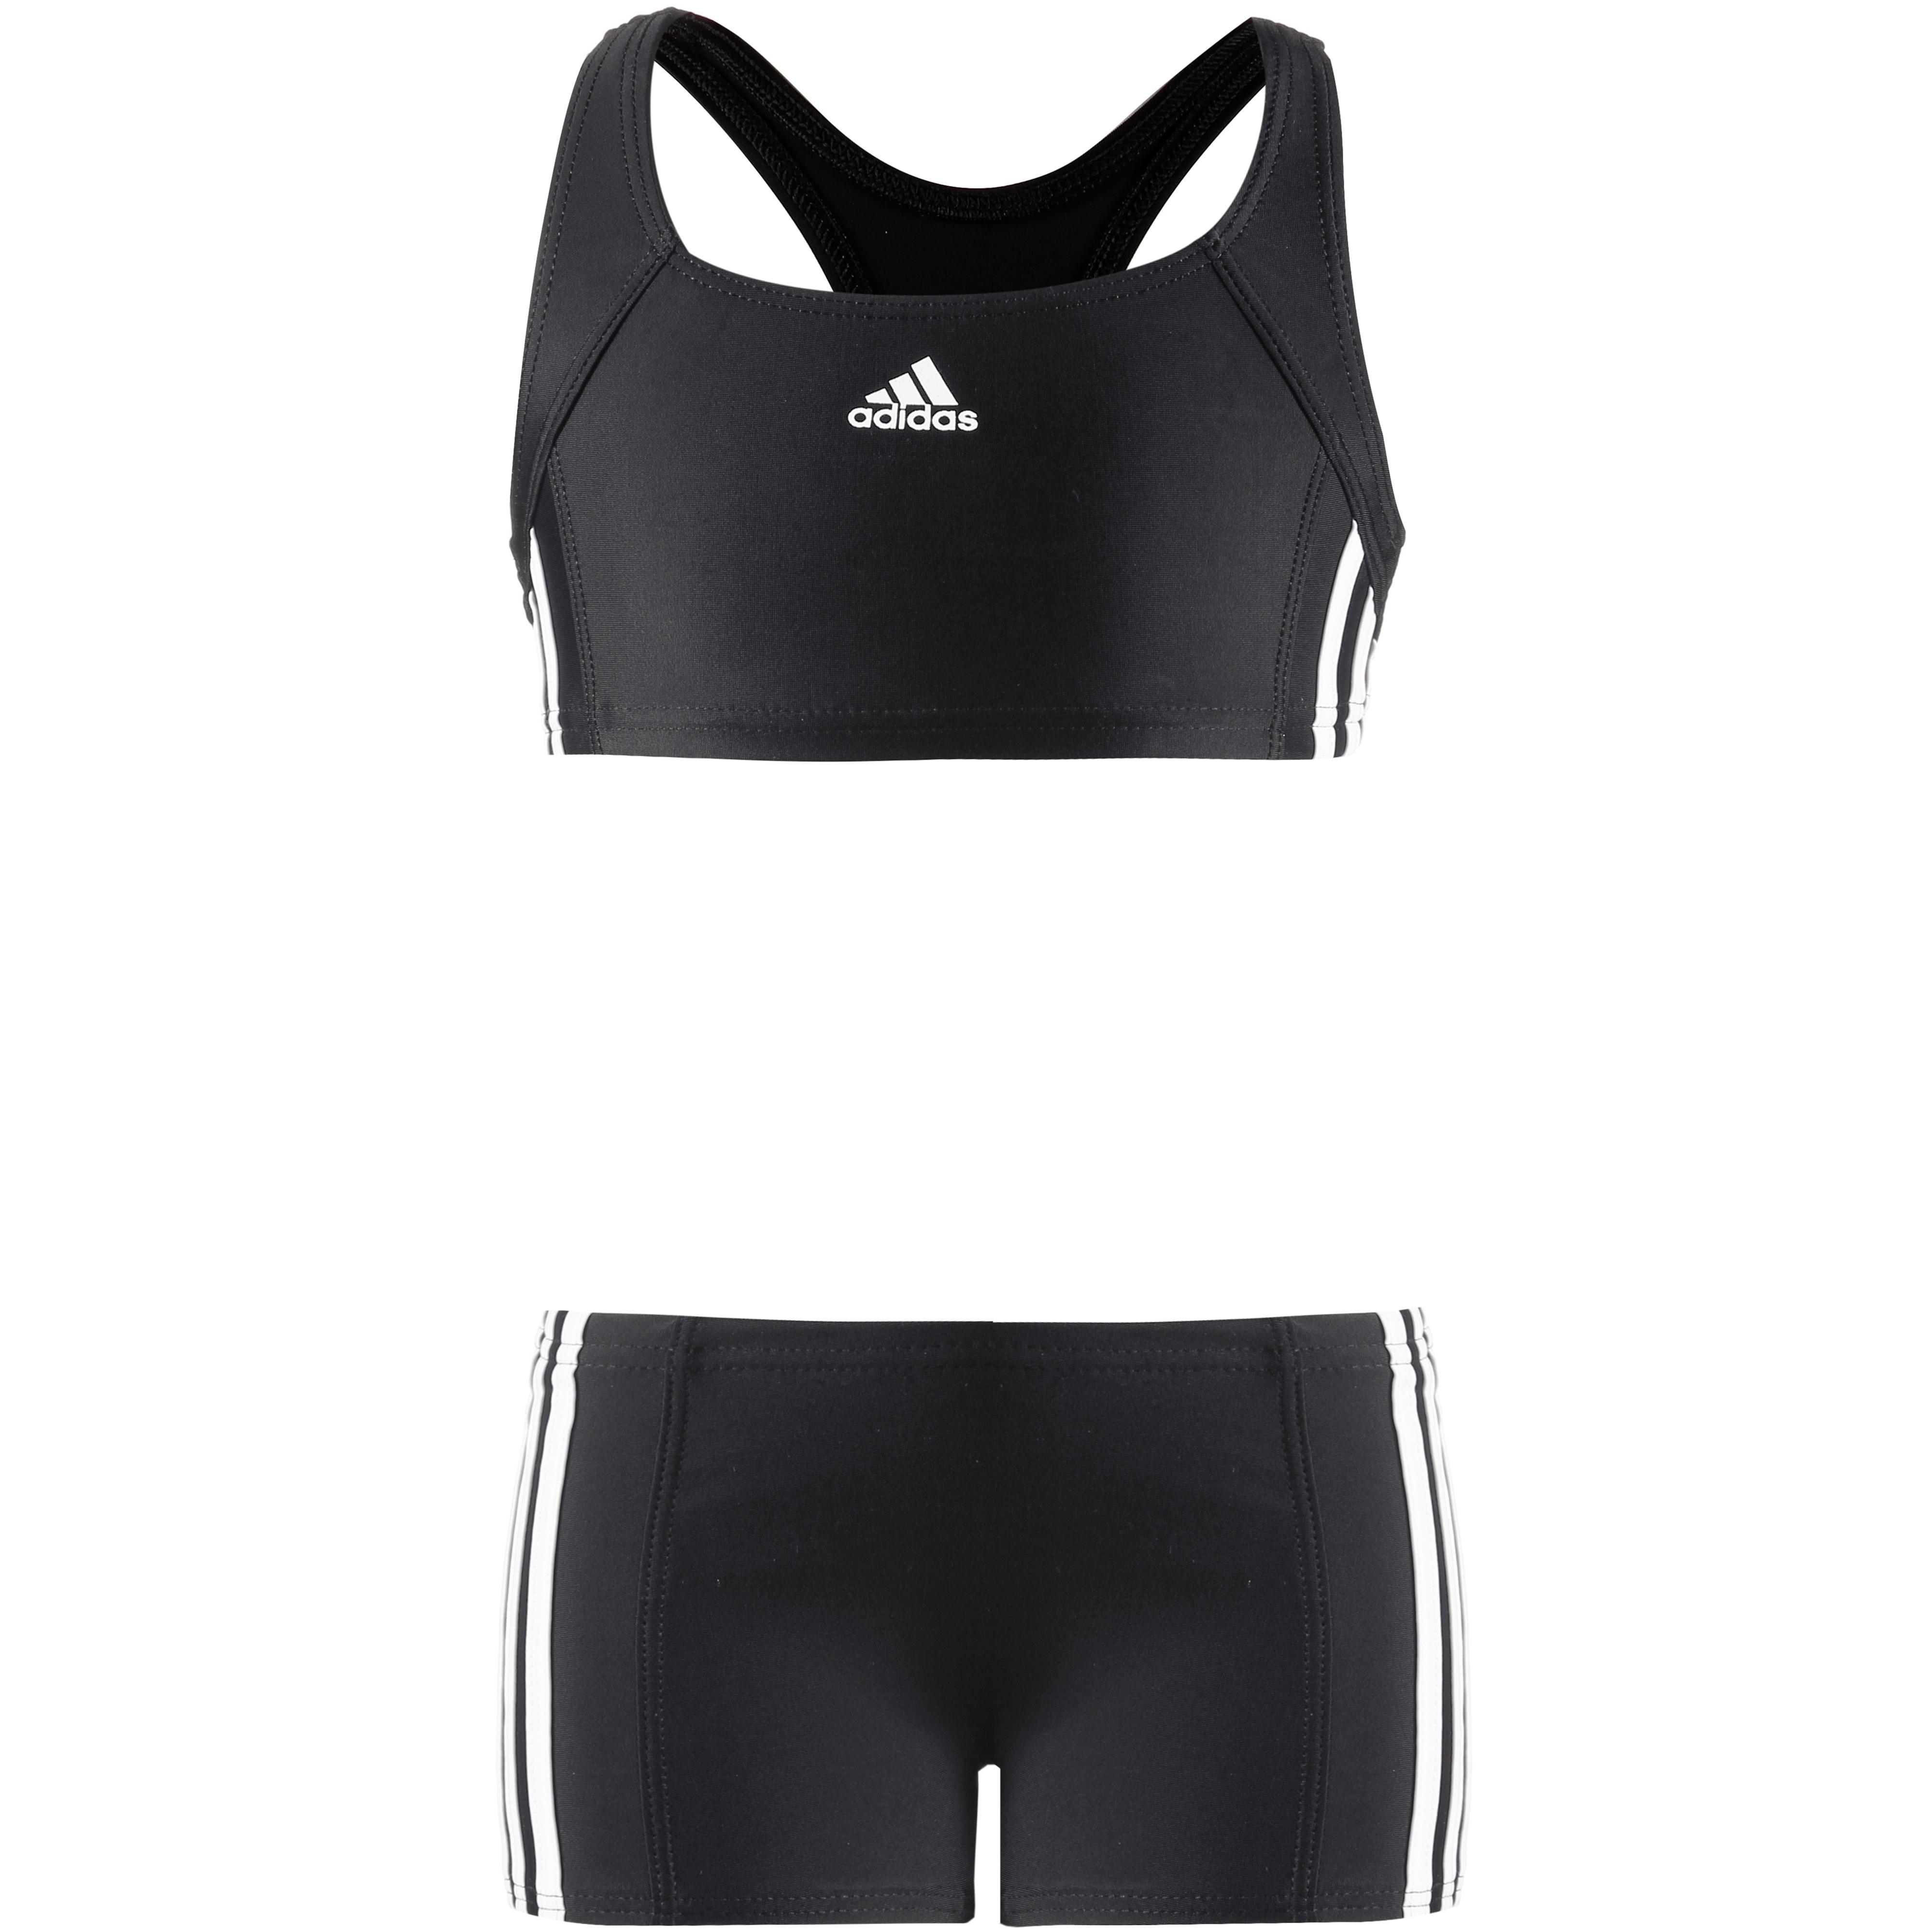 Black Von Mädchen Online Bikini Im Shop Adidas Set Sportscheck Kaufen 1lFKJTc